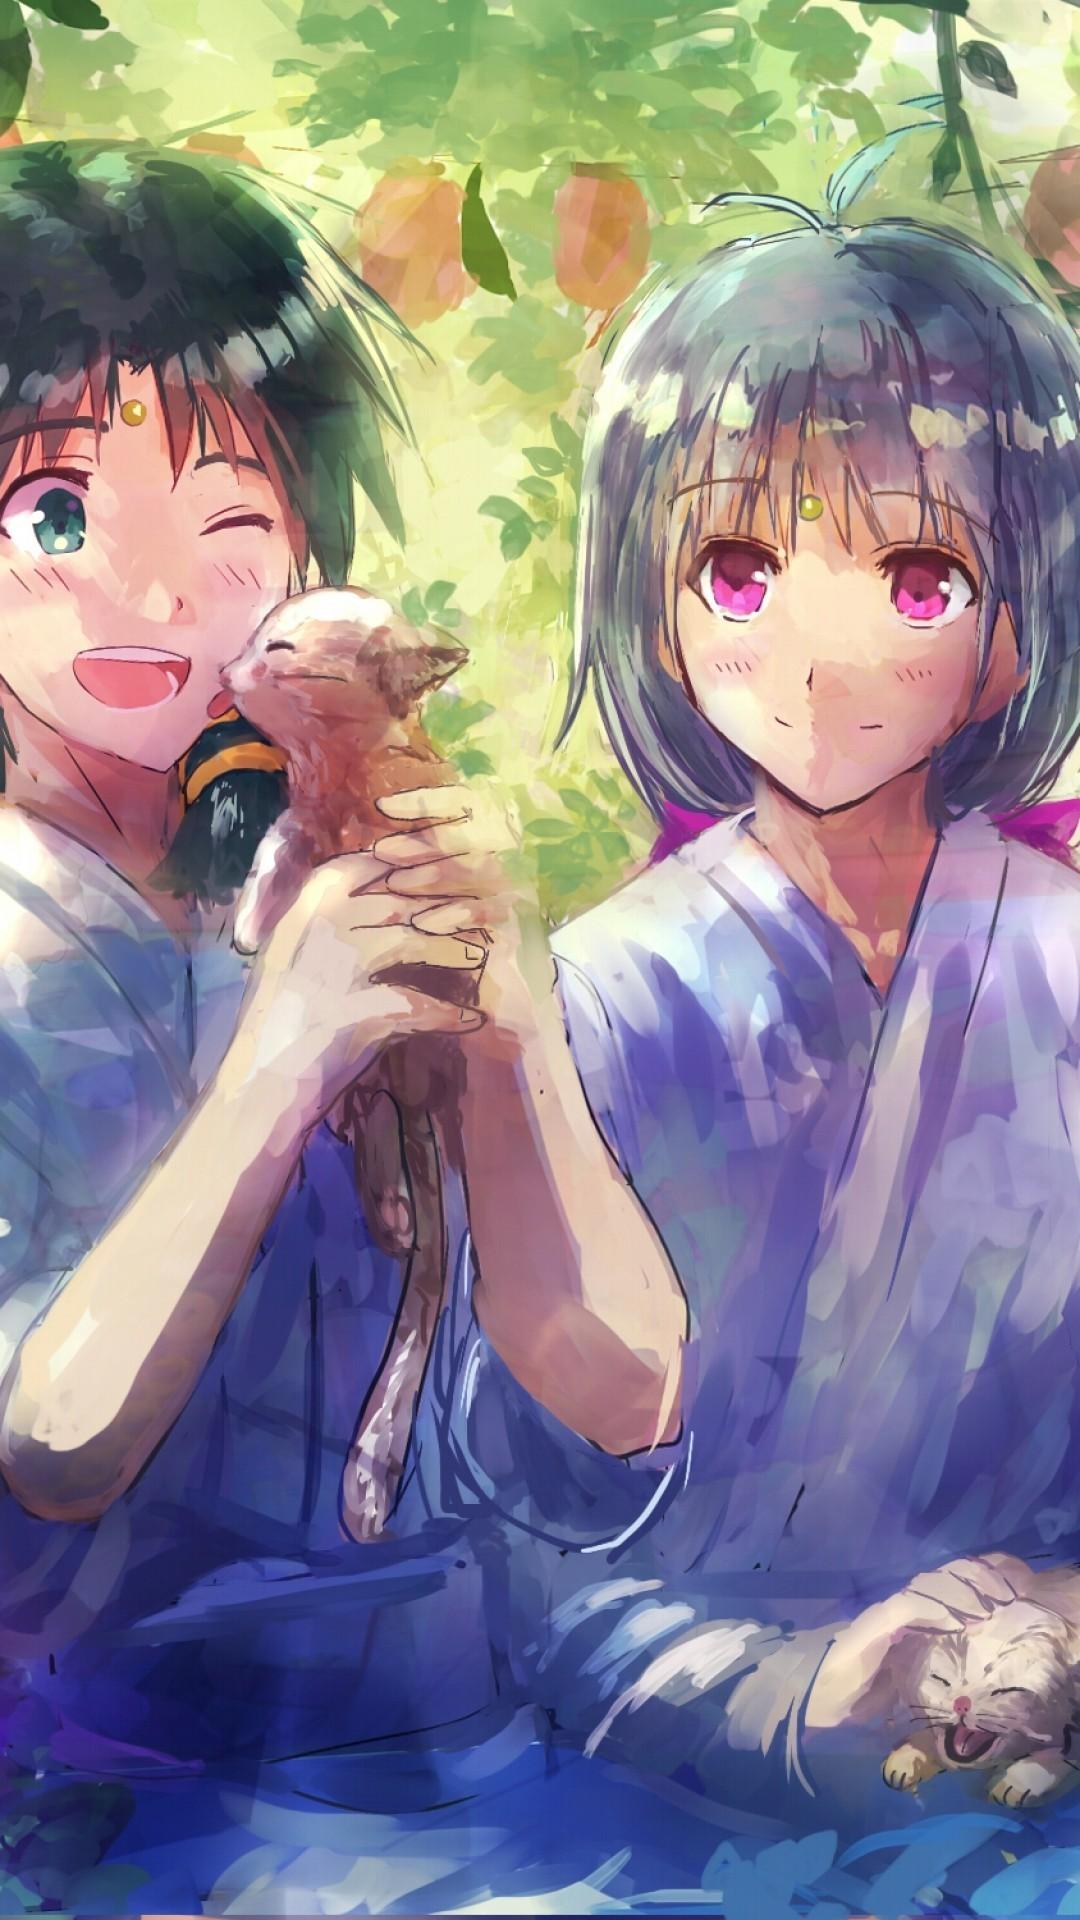 Love Animated Wallpaper Images Love Anime Couple Wallpapers Anime Couple Wallpaper Romantis 1080x1920 Wallpaper Teahub Io